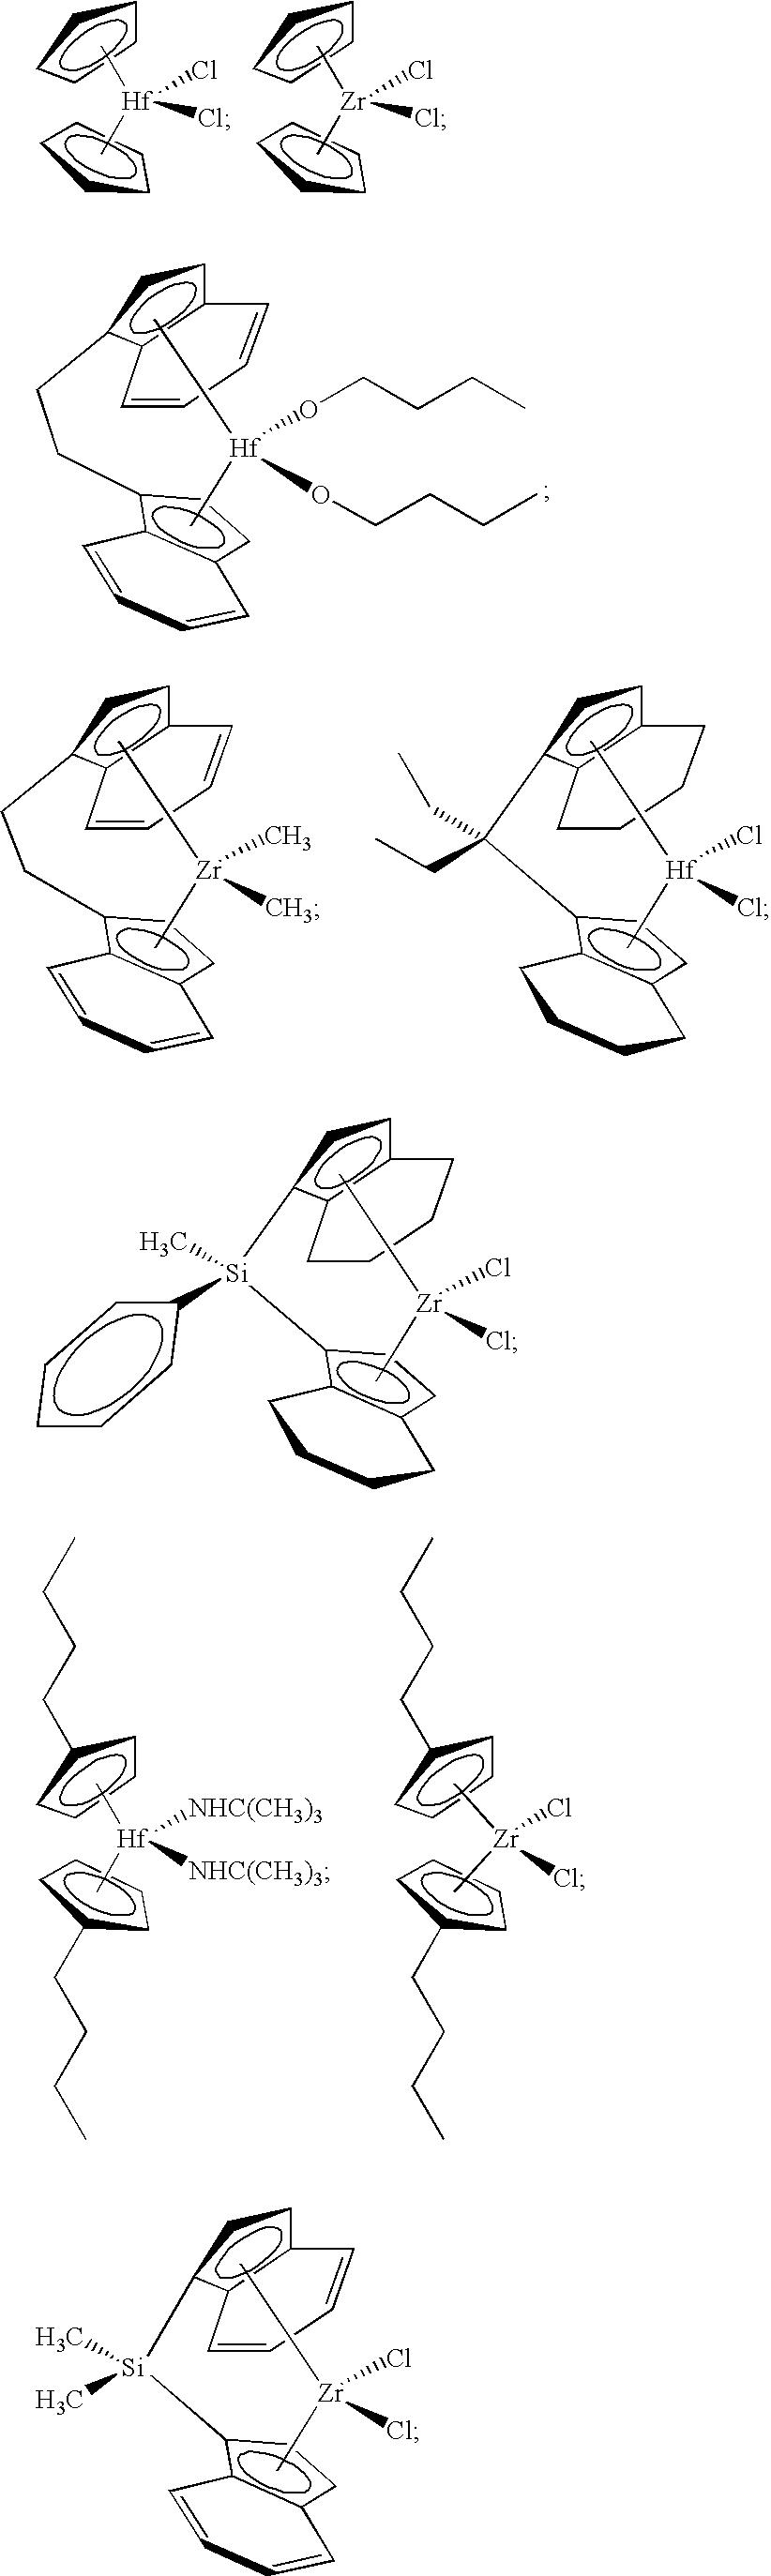 Figure US07163906-20070116-C00006